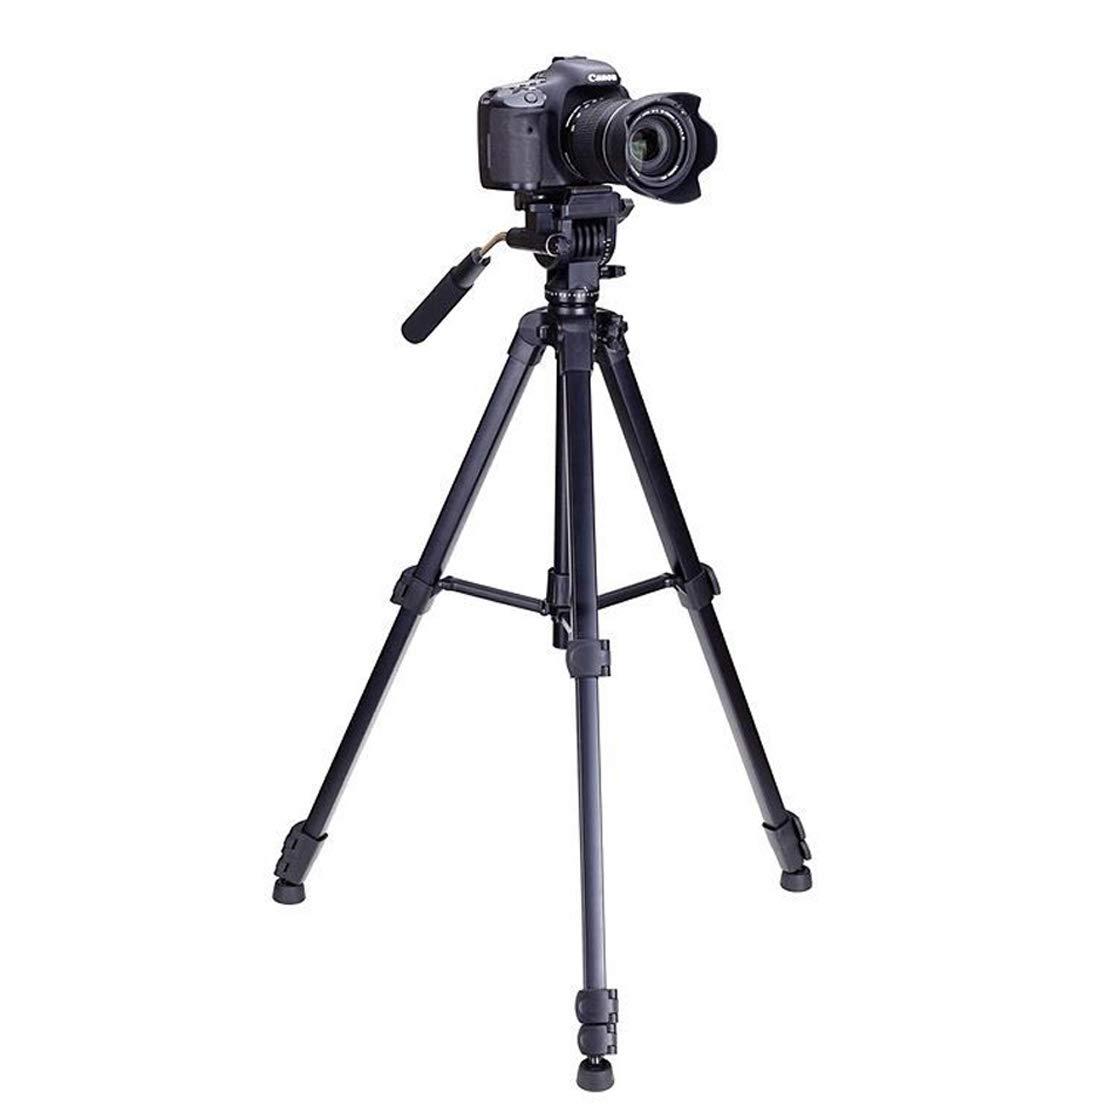 夏セール開催中 MAX80%OFF! 三脚超軽量 B07QP8T89D カメラ カメラ 三脚超軽量 ブラケット3Way雲台 水準器付きビデオ収納袋付き B07QP8T89D, モダンファニチャー nuqmo:539dd829 --- martinemoeykens.com